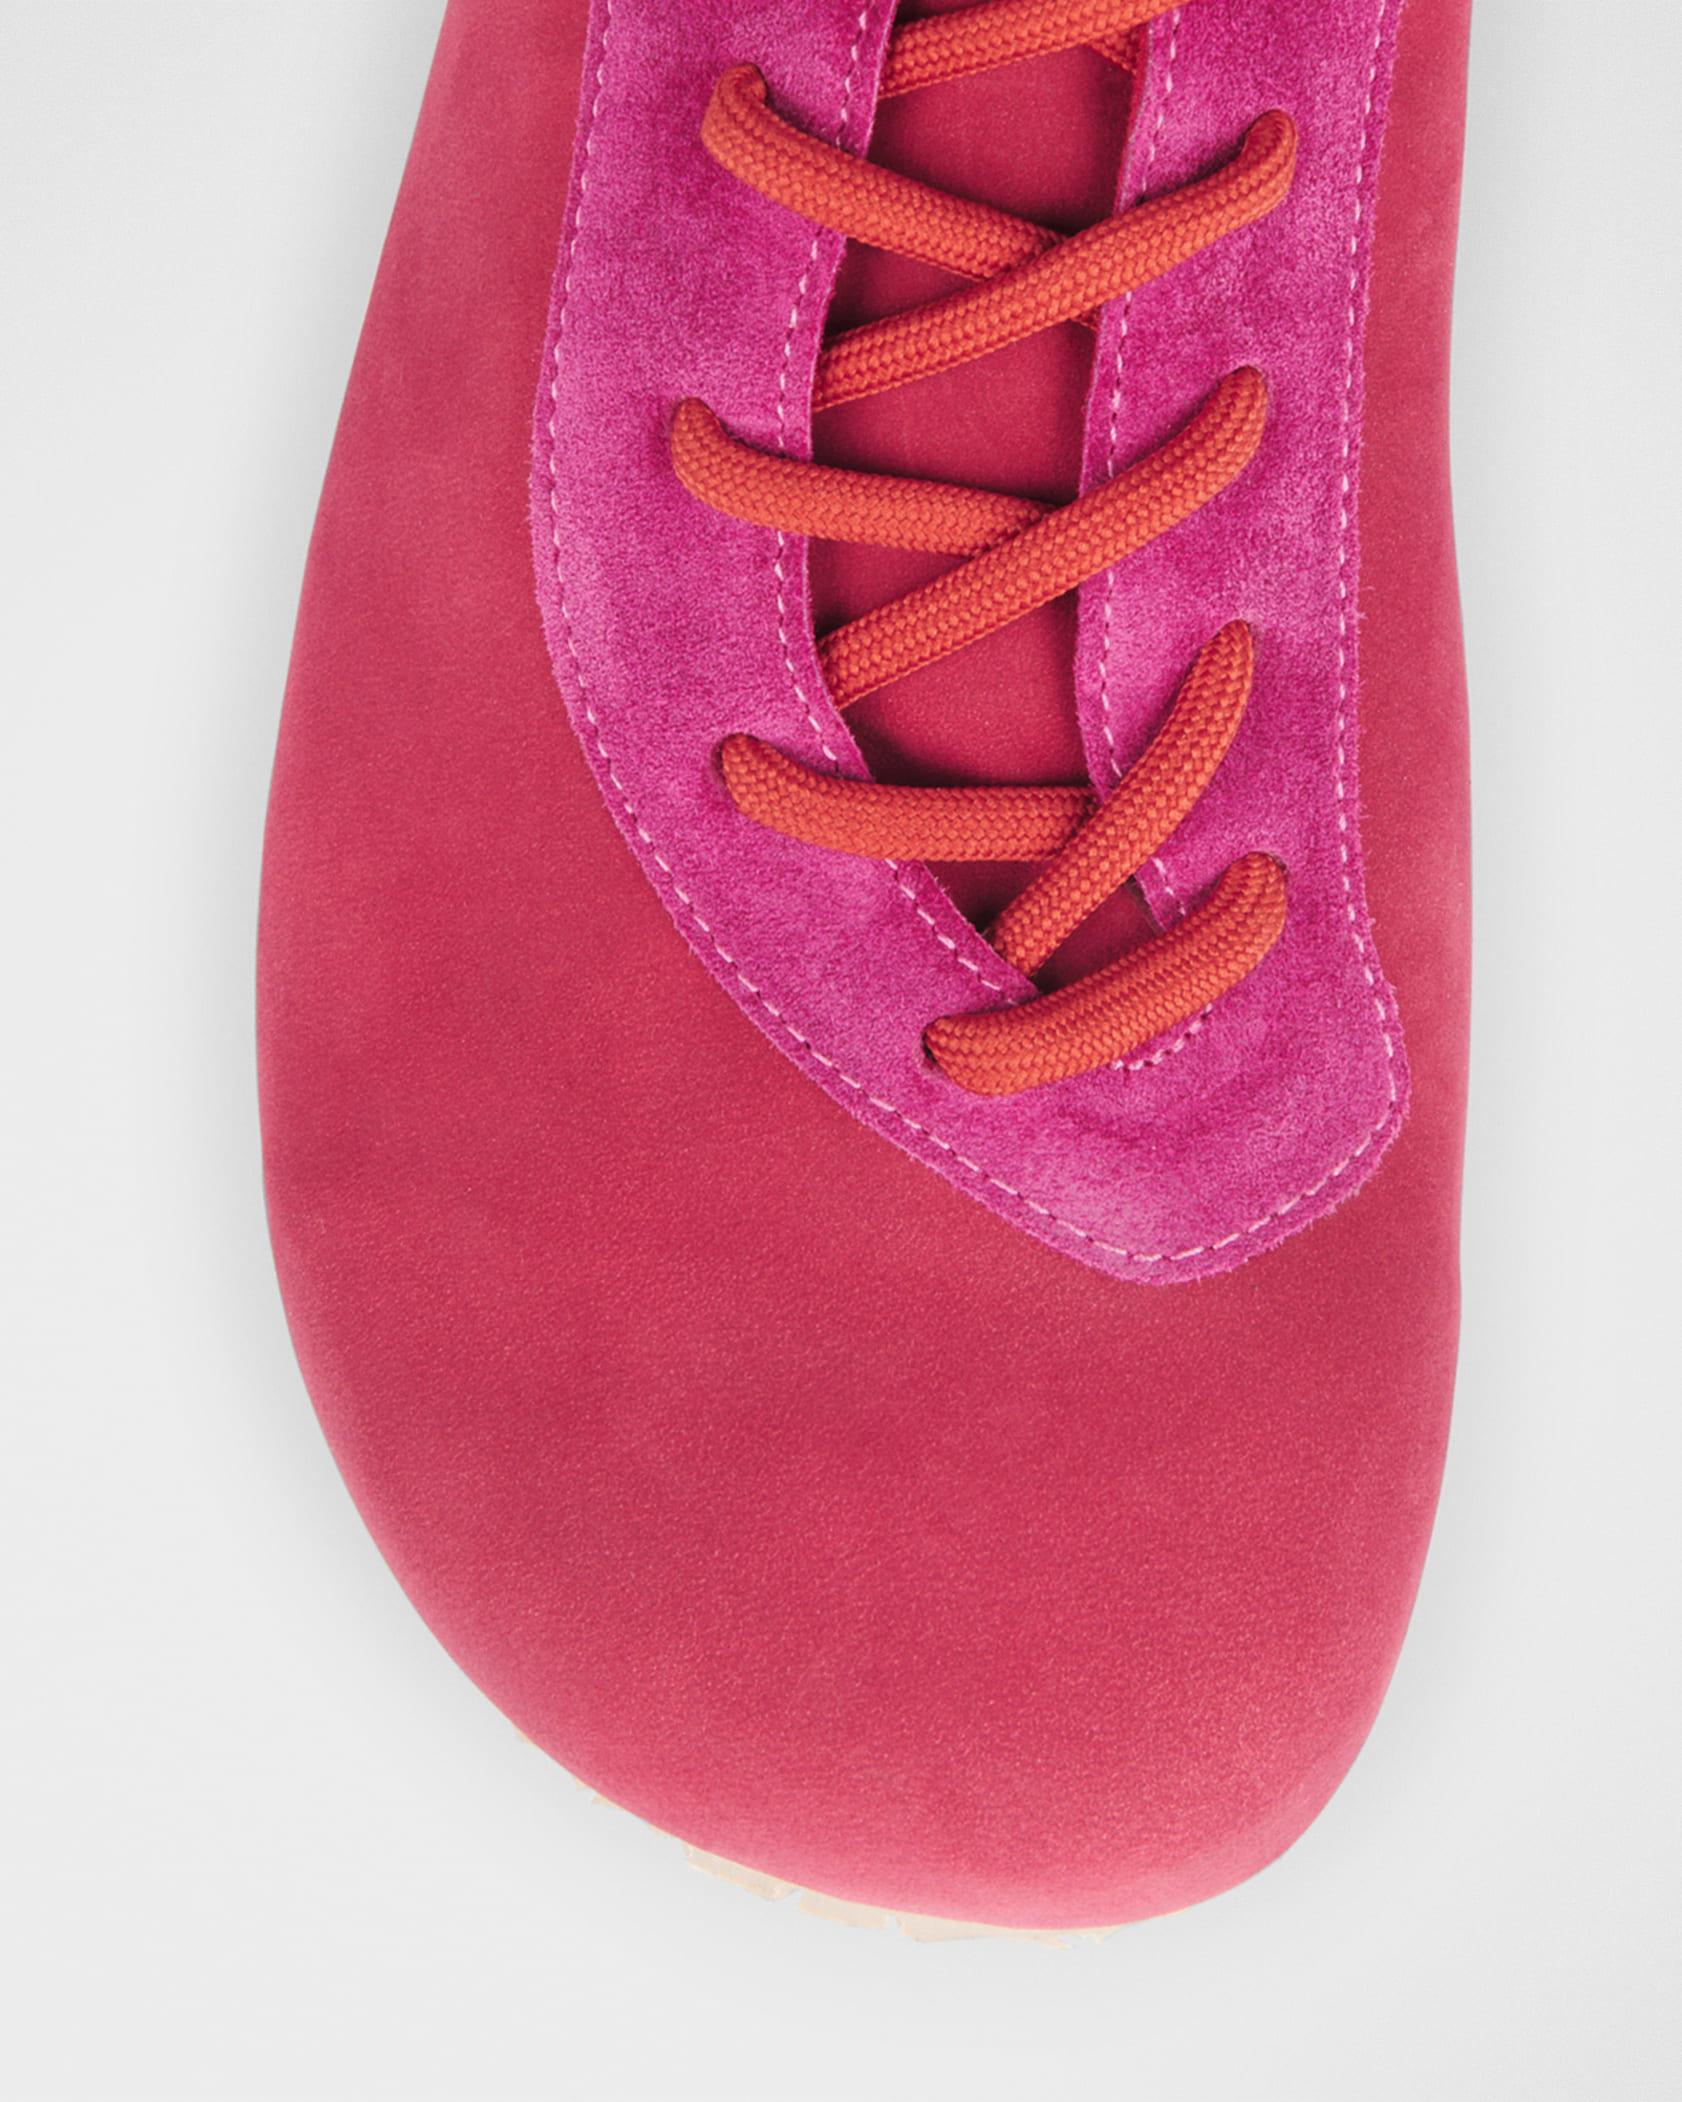 Les chaussures Esca